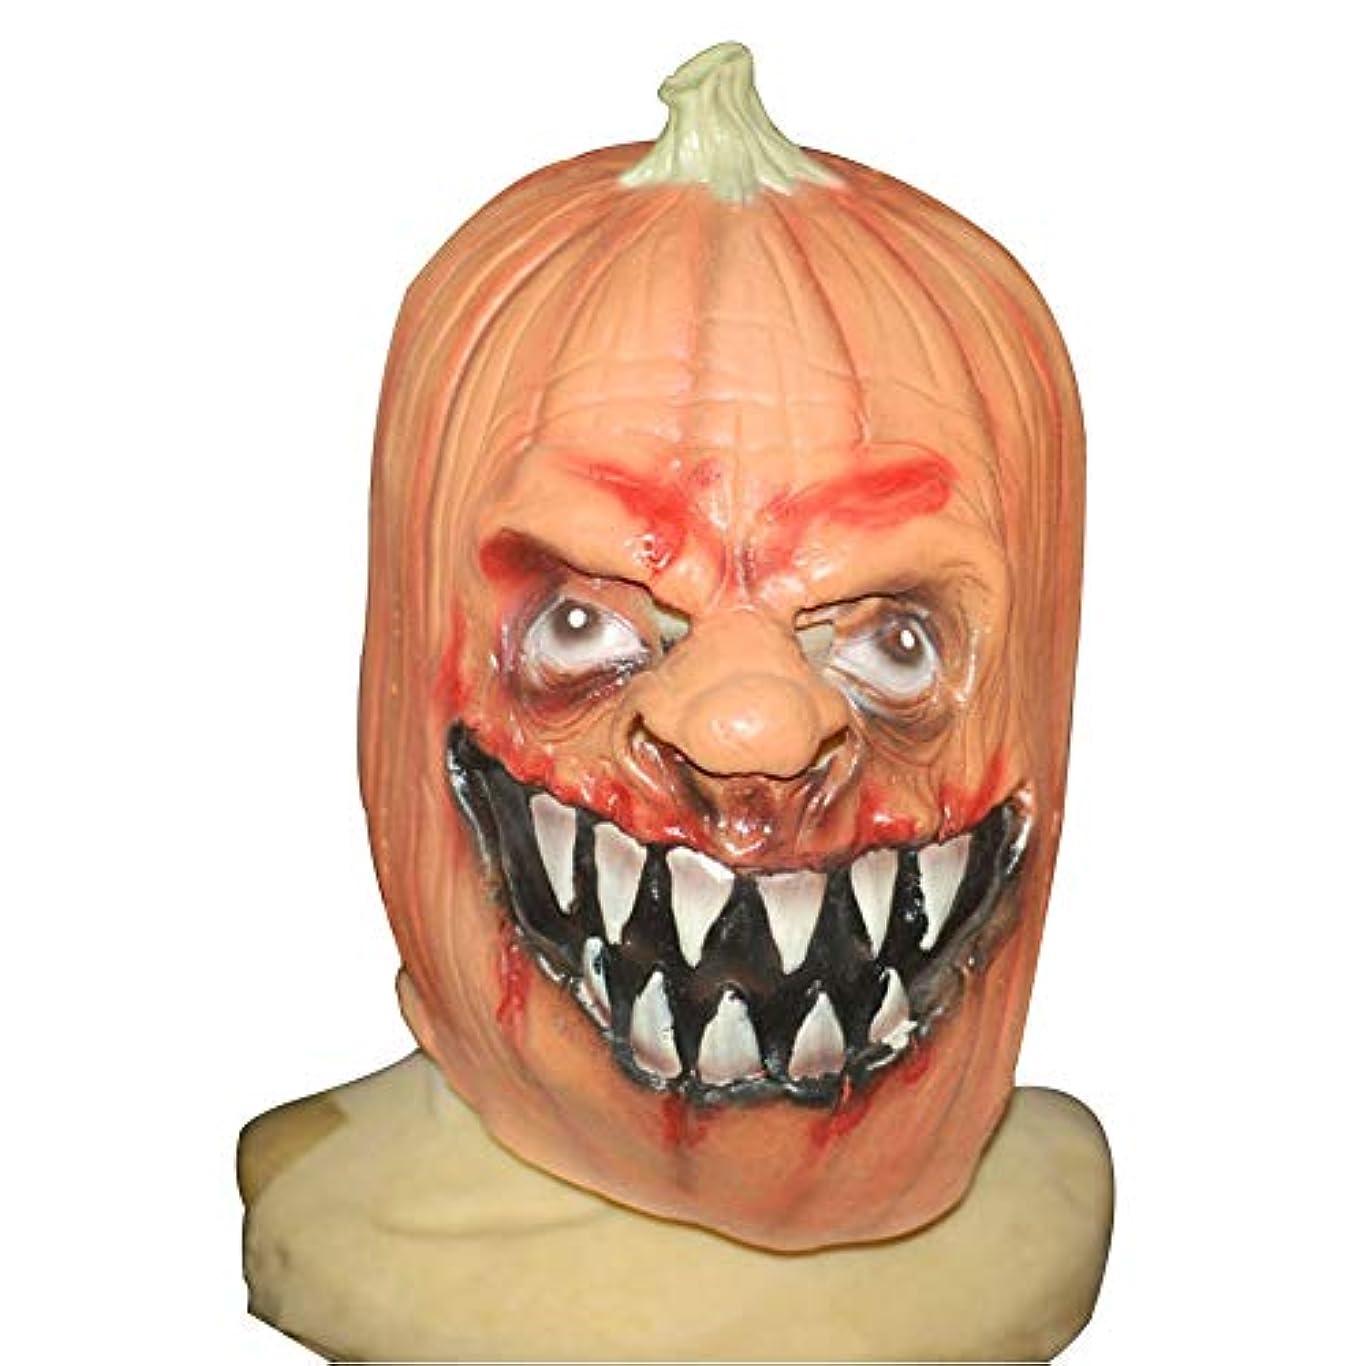 ハロウィーンマスク、カボチャラテックスマスク、ハロウィーン、テーマパーティー、カーニバル、レイブパーティー、バー、小道具に適しています。